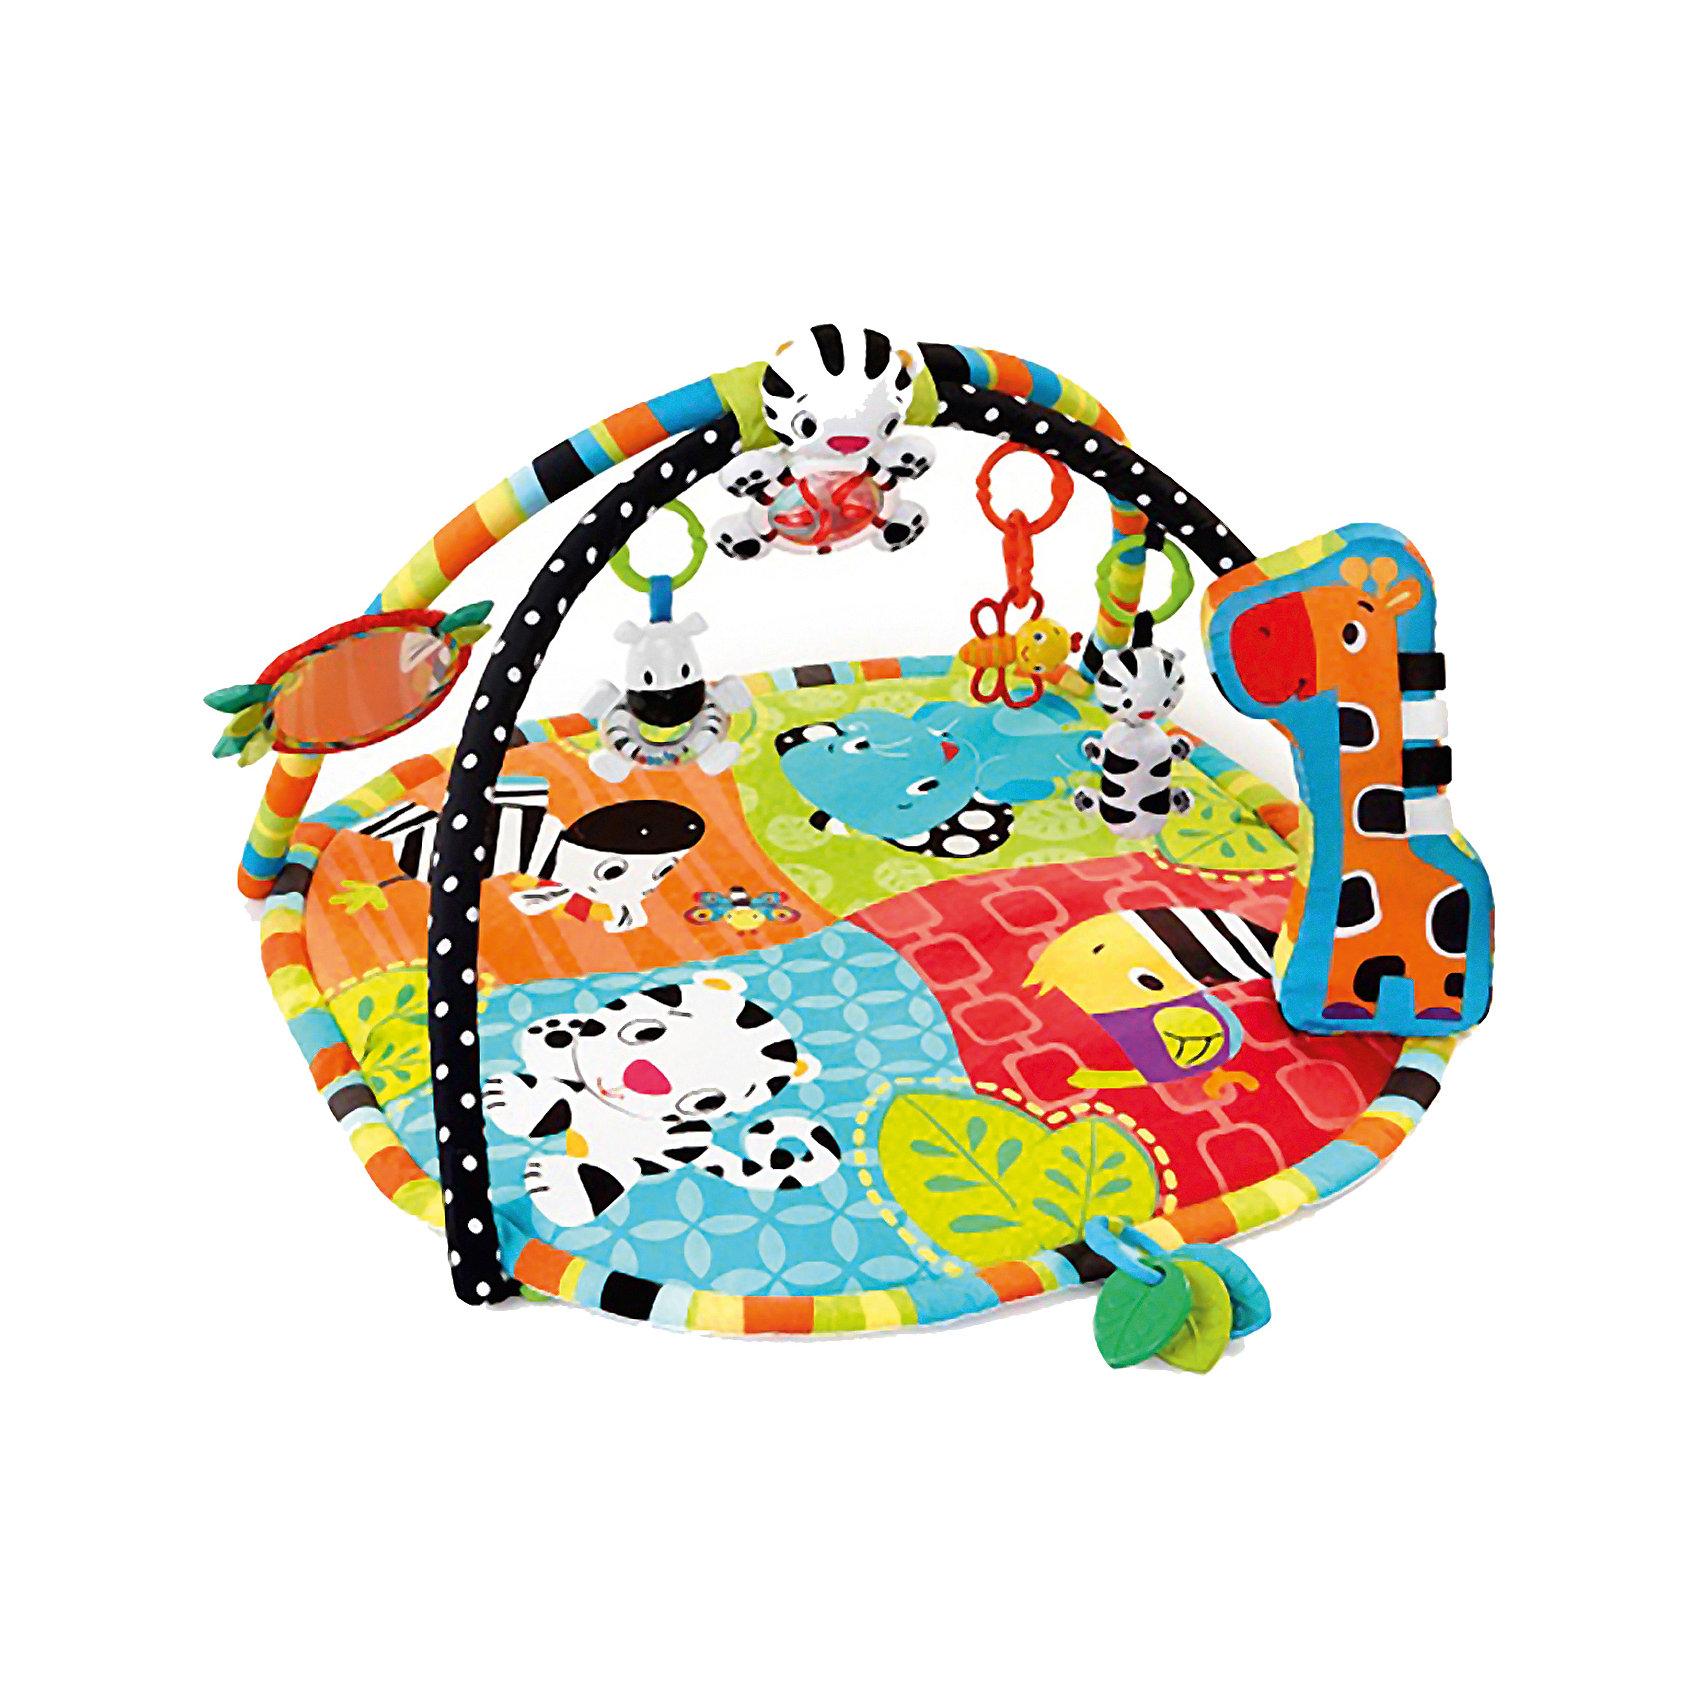 Развивающий коврик Африка Bright StartsРазвивающий коврик Африка от Bright Starts (Брайт Стартс) cпециально разработан для развития всех чувств ребёнка первого года жизни! Высококонтрастные элементы для развития зрения малыша. Для малышей возрастом от 0 до 1 года.<br><br>Мягкая подушка-опора жираф способствует укреплению мышц животика. Музыкальная световая подвеска-тигренок (звуки и мелодии играют более 20 минут). Большое безопасное зеркальце. 3 прорезывателя для зубок. Большое безопасное зеркальце. Погремушки: тигренок, пчелка и зебра с прозрачным животиком и цветными шариками внутри. Петли для крепления других игрушек.<br><br>Дополнительная информация:<br><br>- Возможность машинной стирки.<br>- Размеры товара: 98 * 111 * 46 см.<br>- Размеры коробки: 70 * 10 * 55 см.<br><br>Развивающий коврик Африка Bright Starts (Брайт Стартс) можно купить в нашем интернет-магазине.<br><br>Ширина мм: 700<br>Глубина мм: 550<br>Высота мм: 100<br>Вес г: 2063<br>Возраст от месяцев: 3<br>Возраст до месяцев: 24<br>Пол: Унисекс<br>Возраст: Детский<br>SKU: 2531398